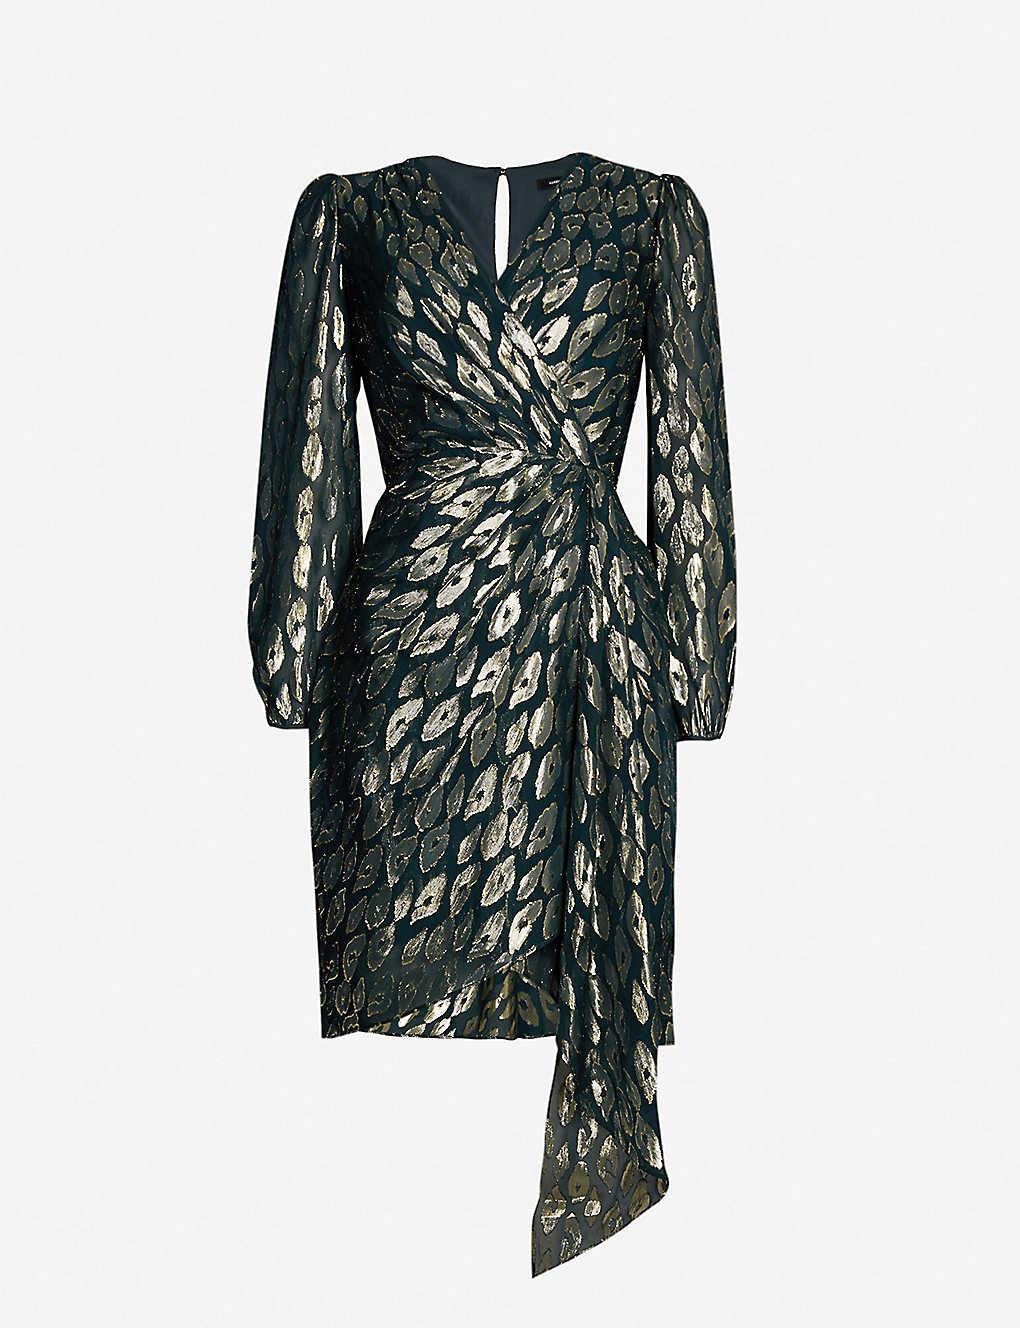 fb5a6e2de8b17 KAREN MILLEN - Metallic animal-print dress   Selfridges.com